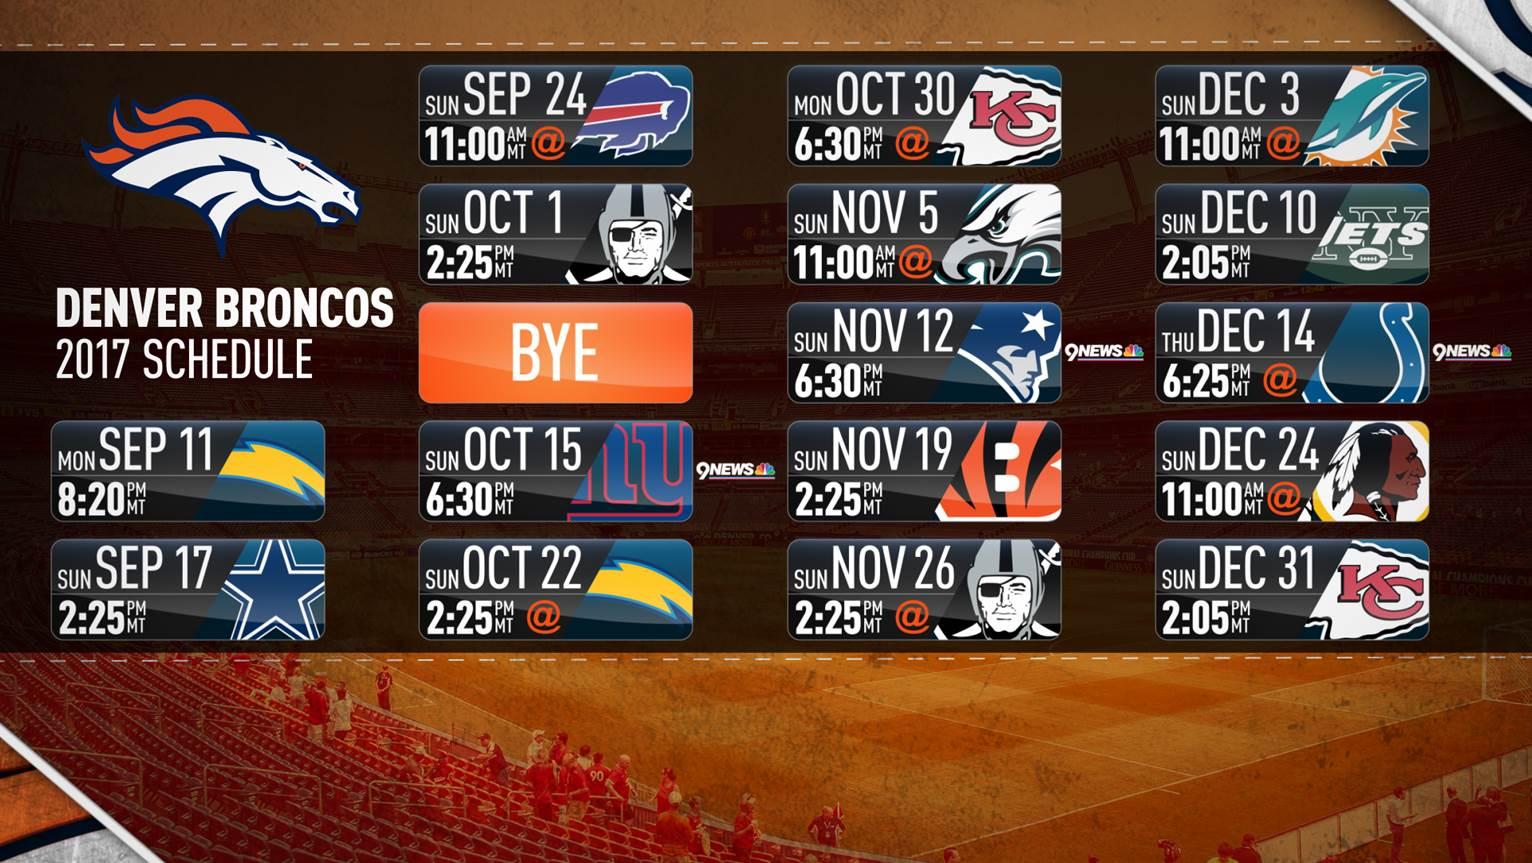 9news Com Denver Broncos Release 2017 18 Schedule